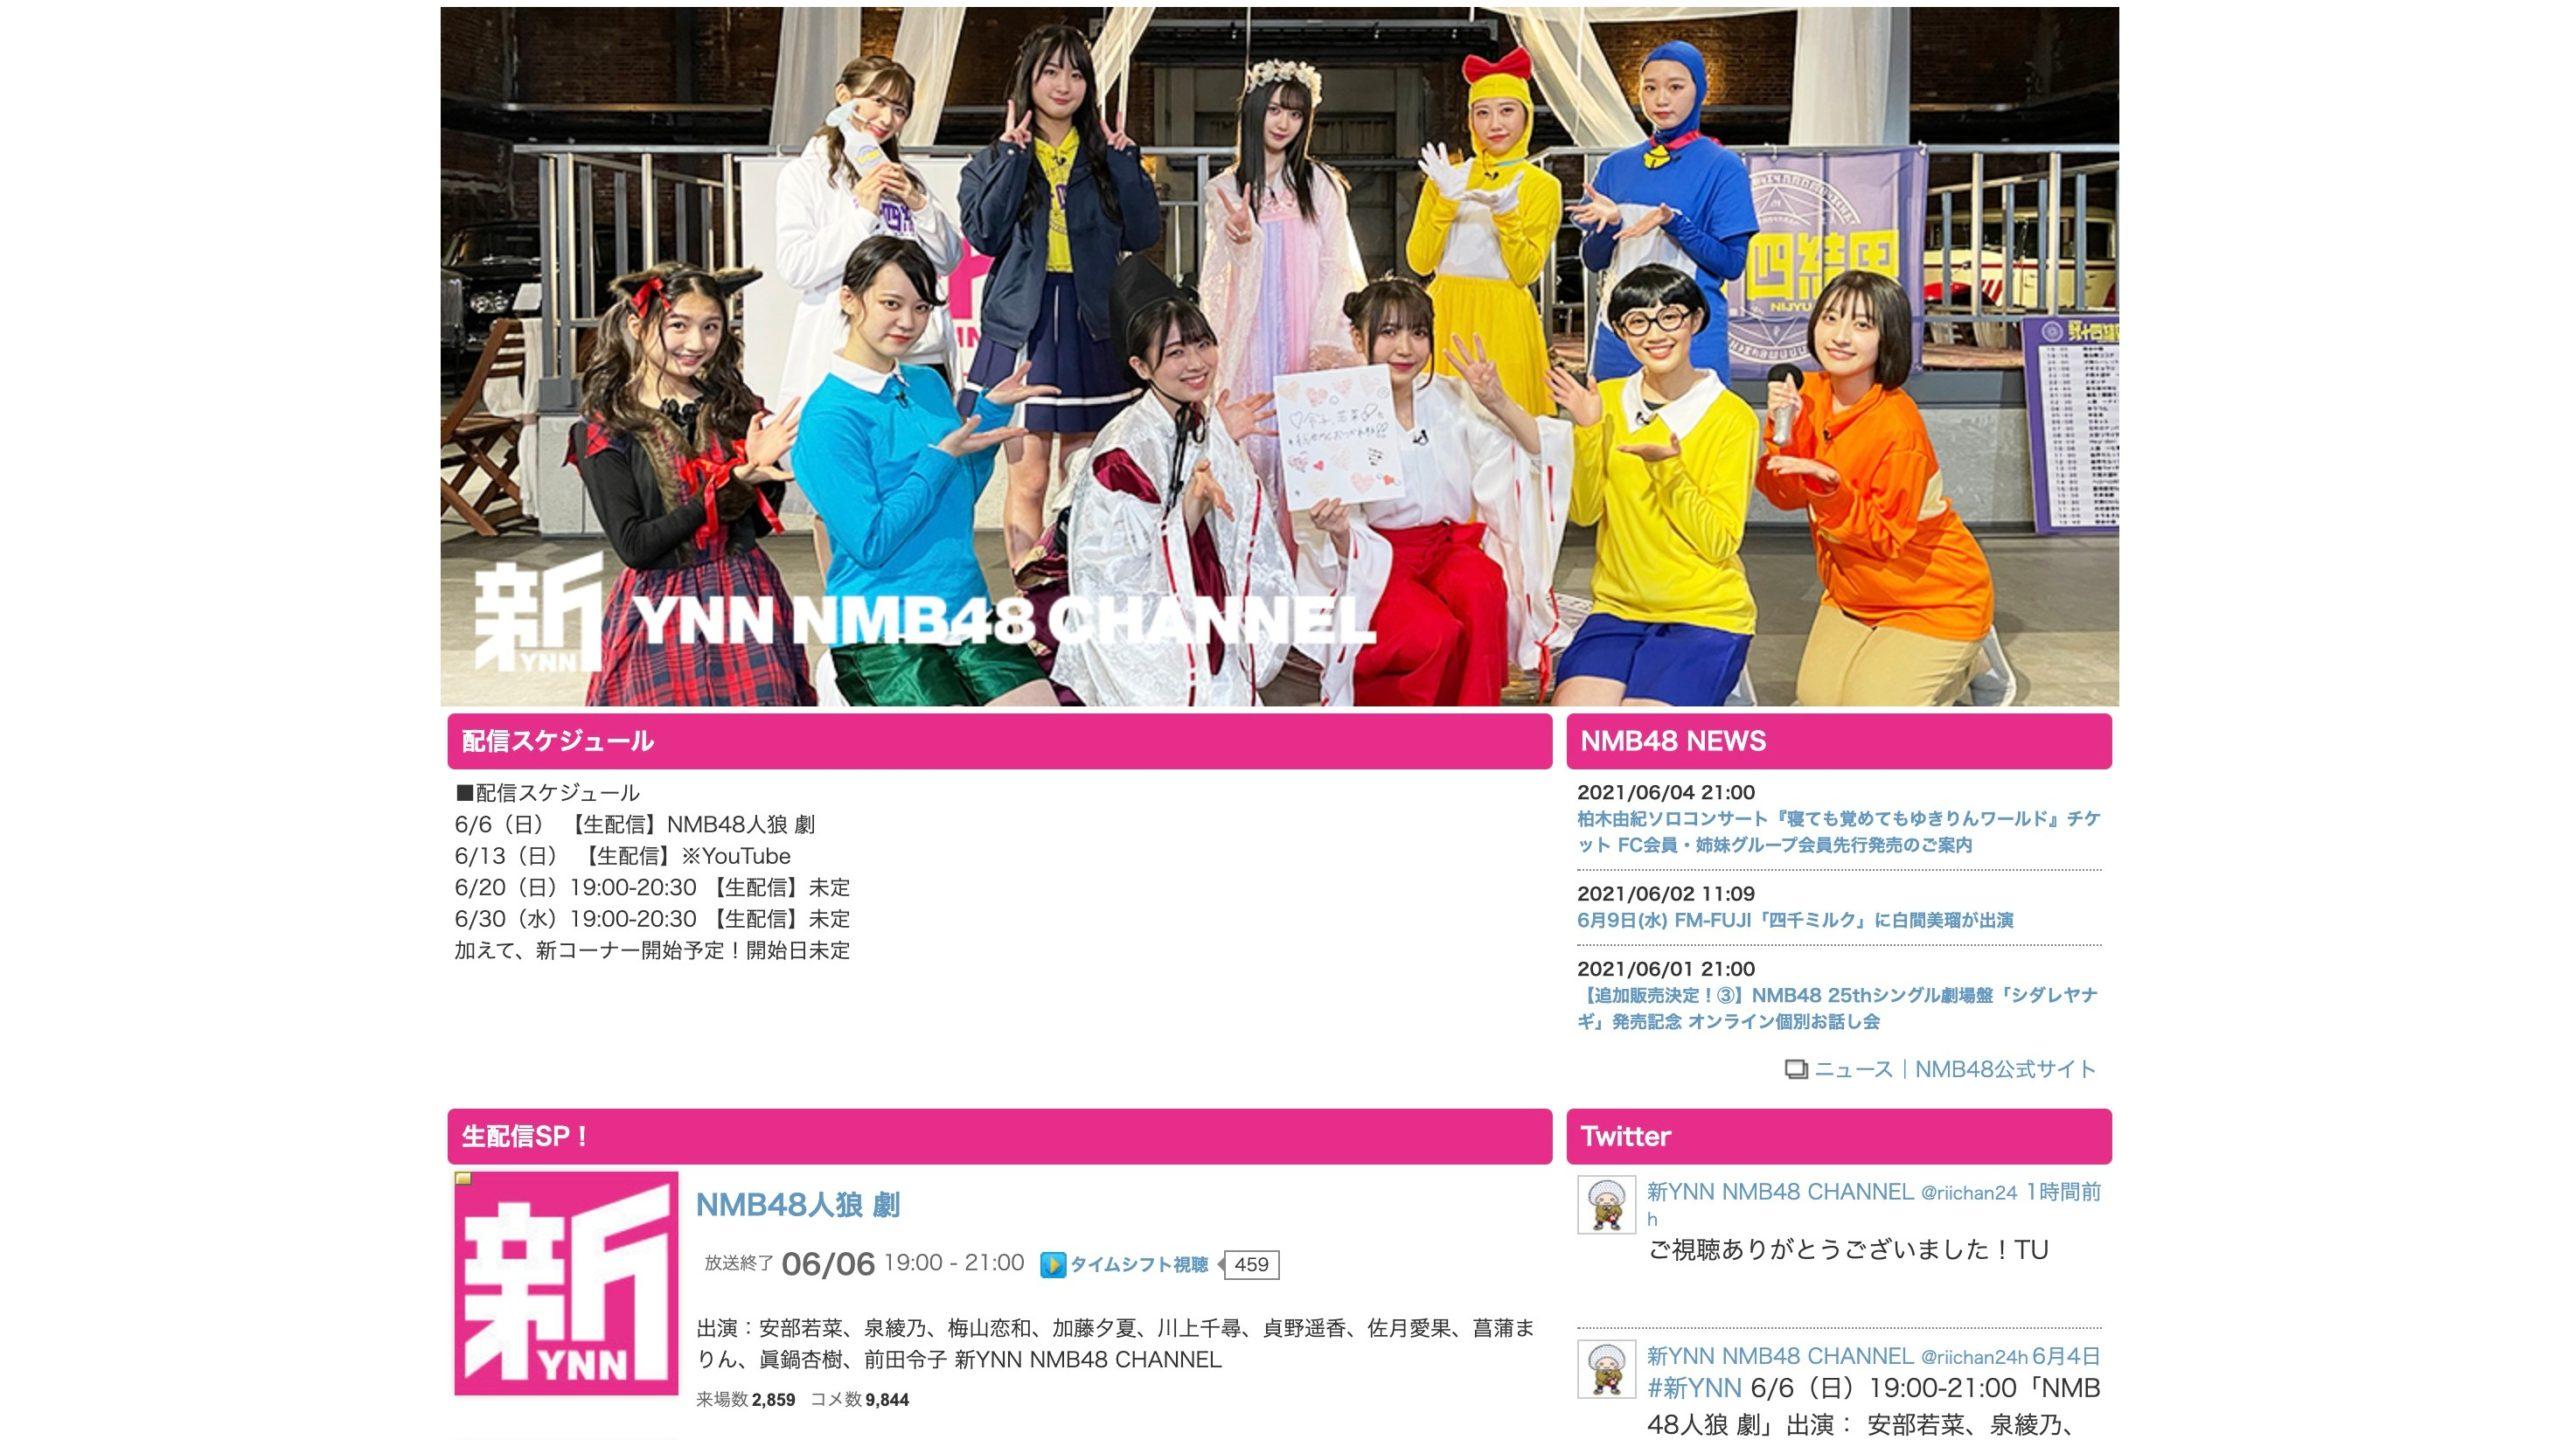 【NMB48】YNN6月の配信スケジュール発表、新コーナーも開始予定